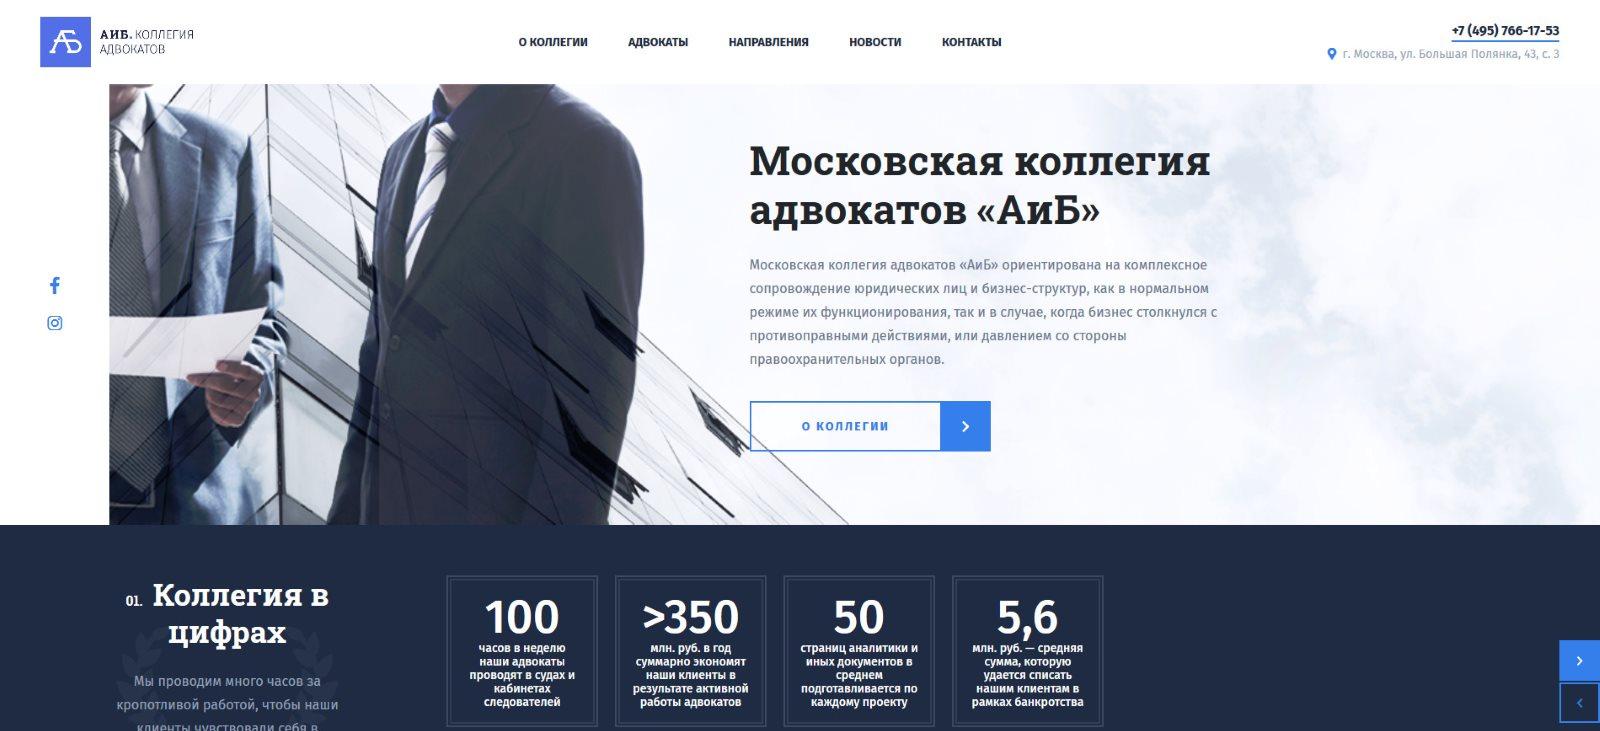 Московская коллегия адвокатов «АиБ»